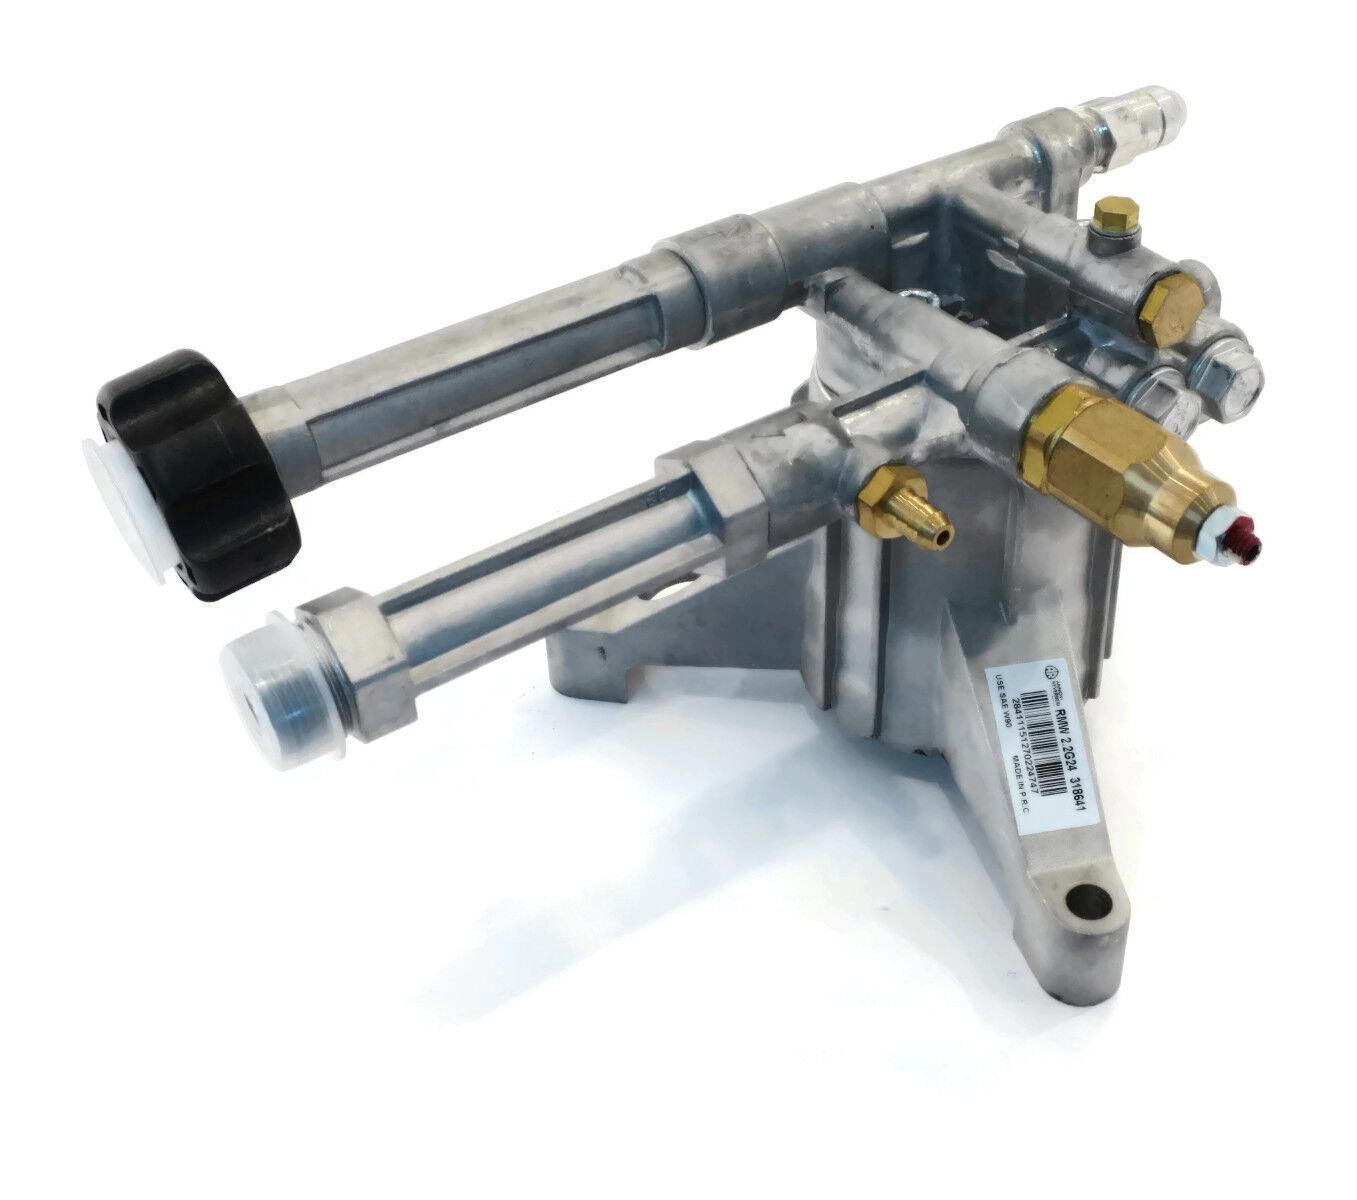 2400 psi AR POWER PRESSURE WASHER WATER PUMP Briggs & Stratton 020441-0 020442-0